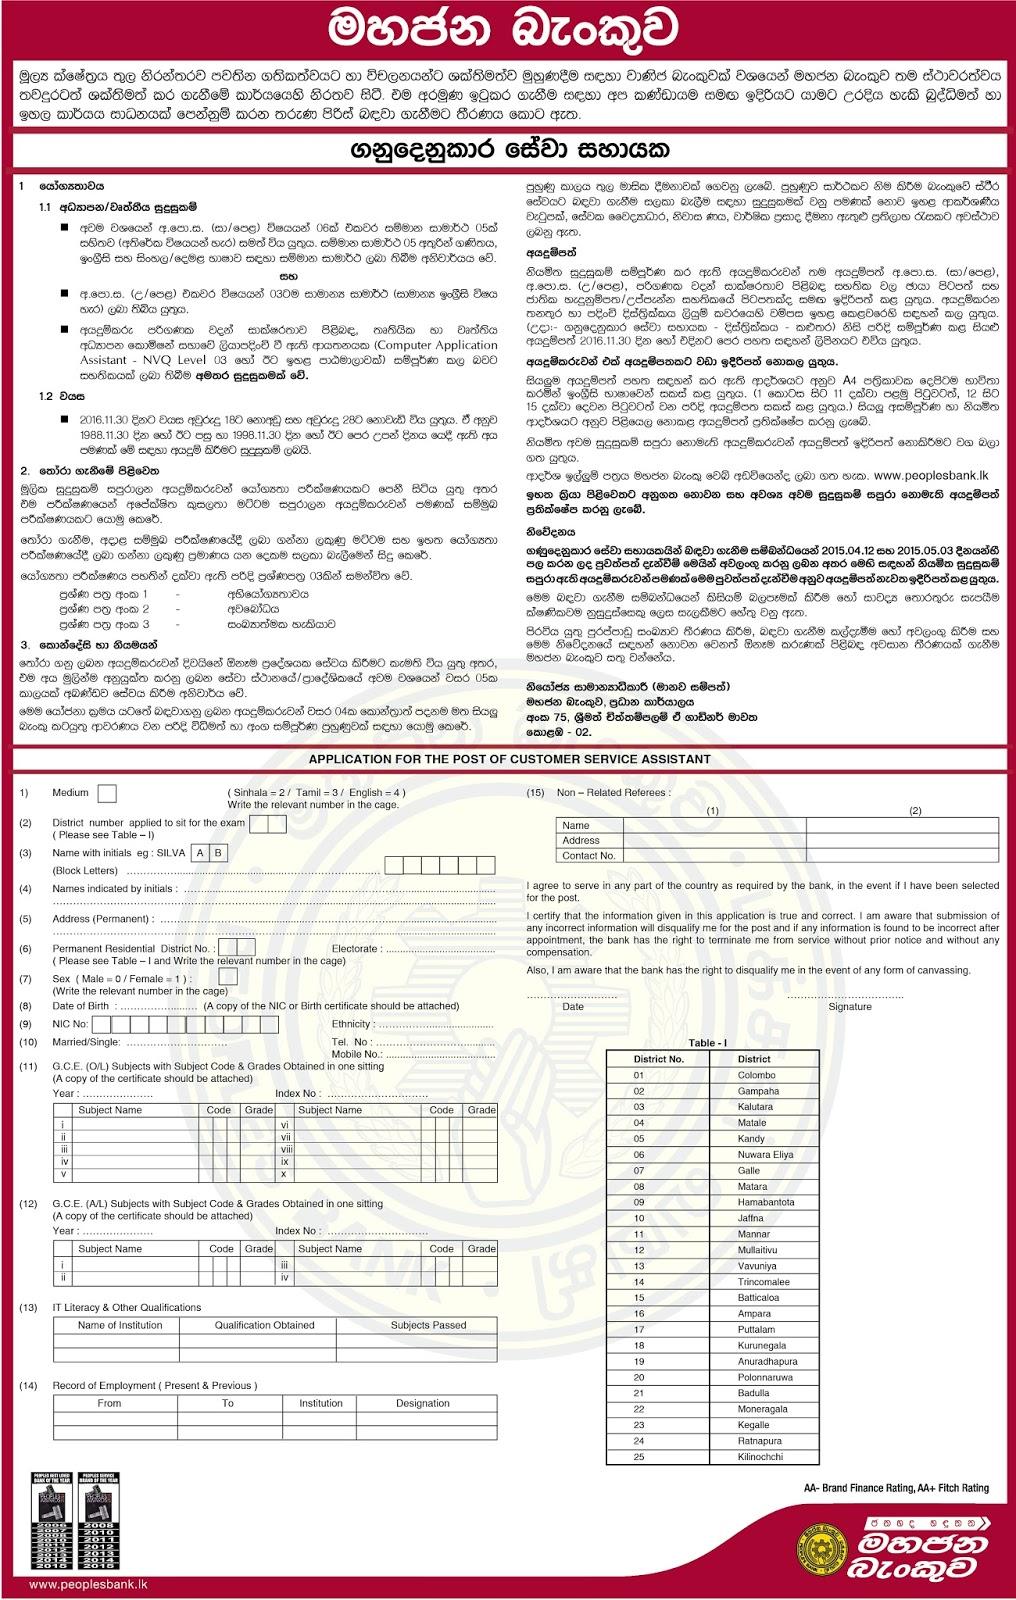 Customer Service Assistant Peoples Bank Gazette Lk